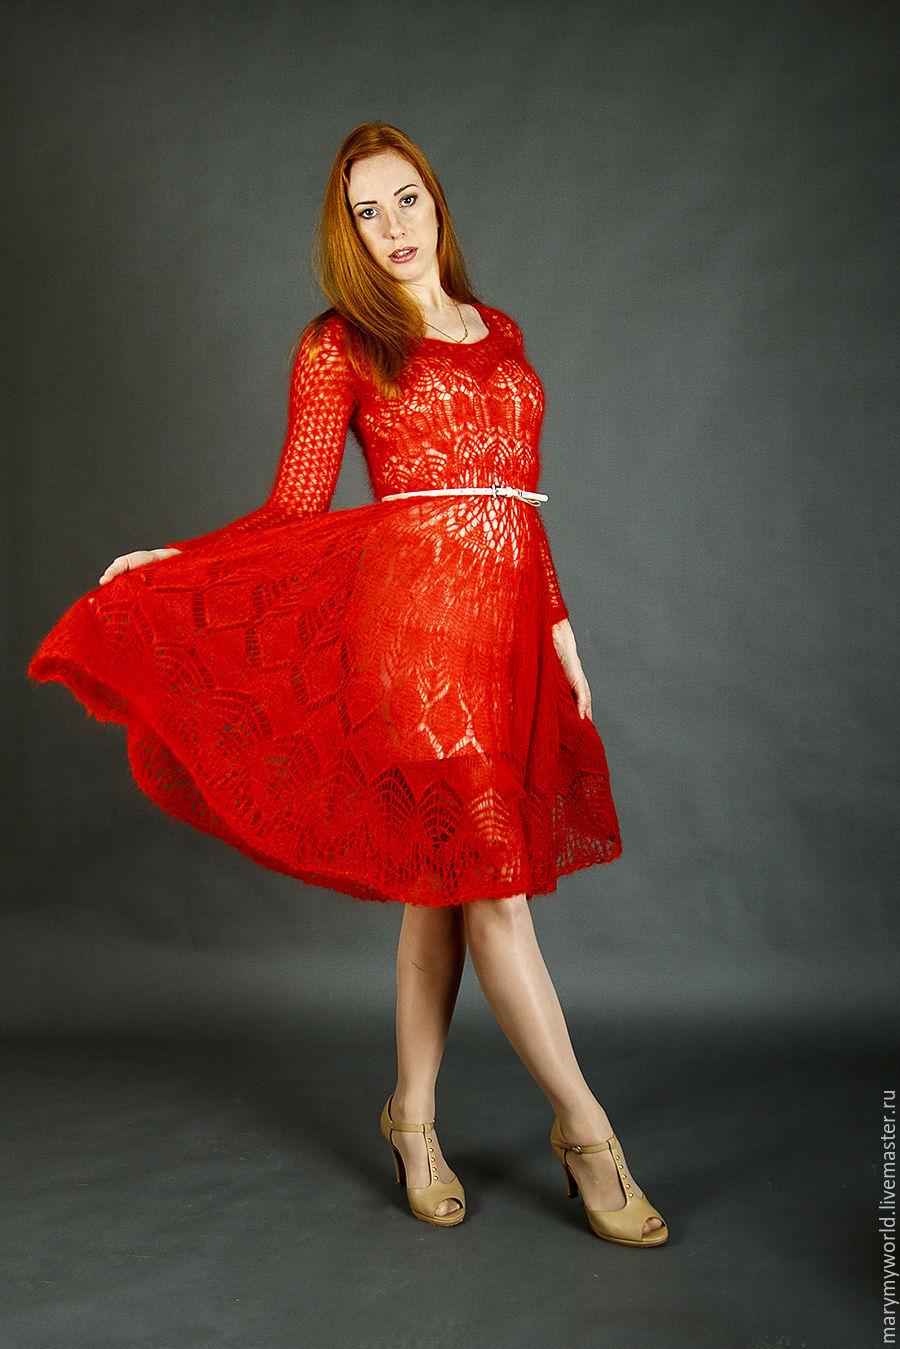 Платье «Есть на свете цветок...» из кид-мохера на шелке, Платья, Астрахань, Фото №1